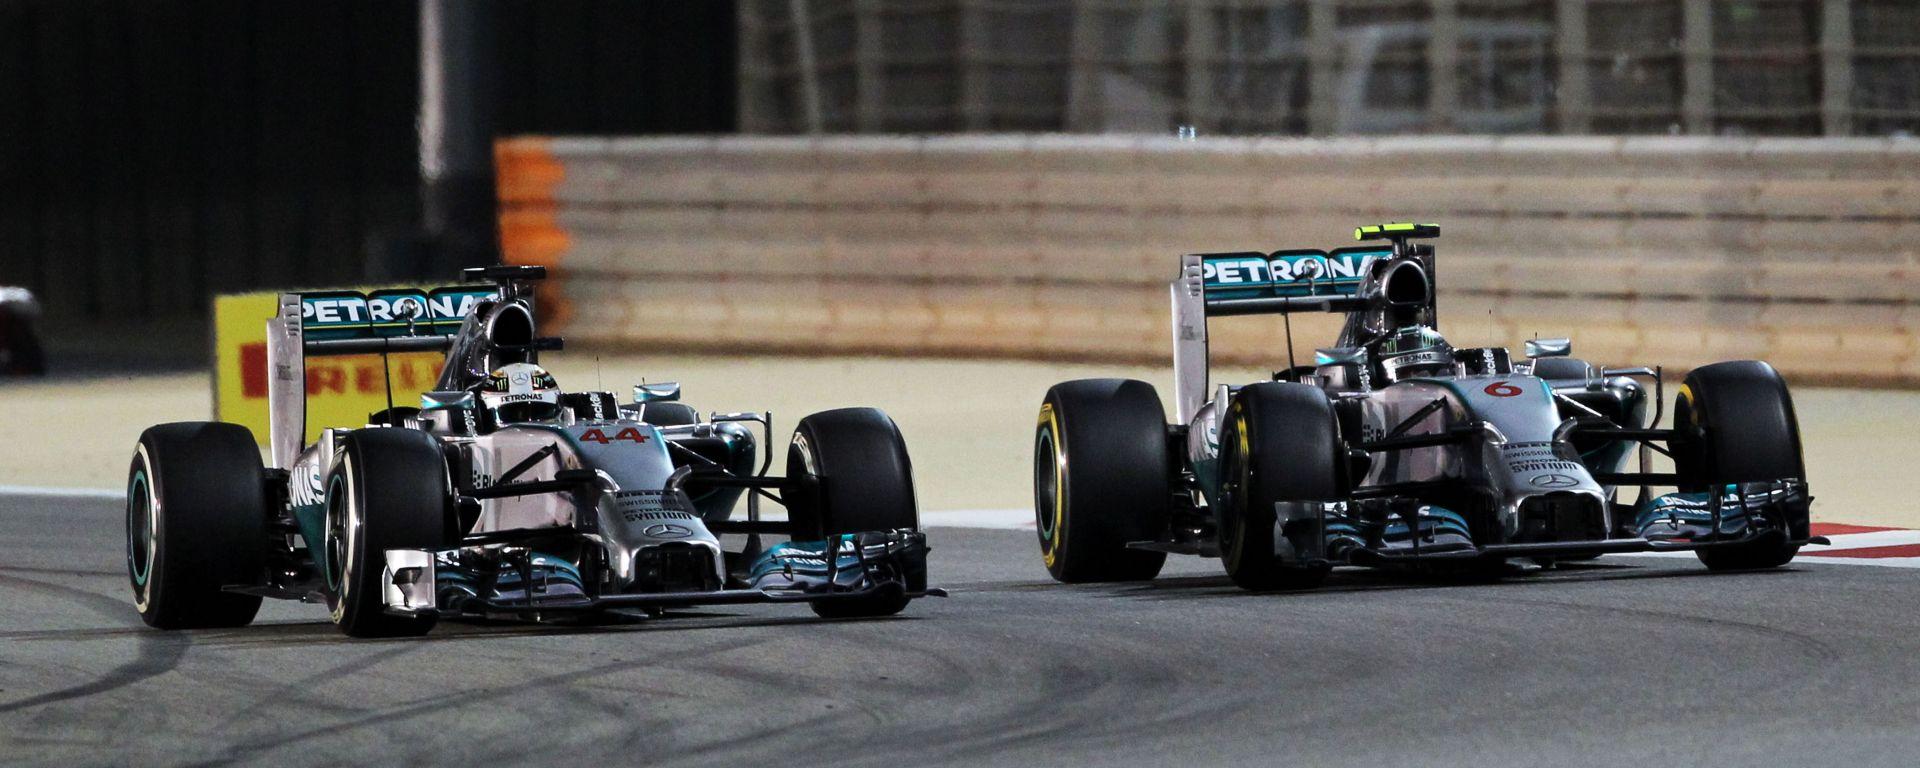 F1, GP Bahrain 2014: una fase del duello tra Nico Rosberg e Lewis Hamilton (Mercedes)